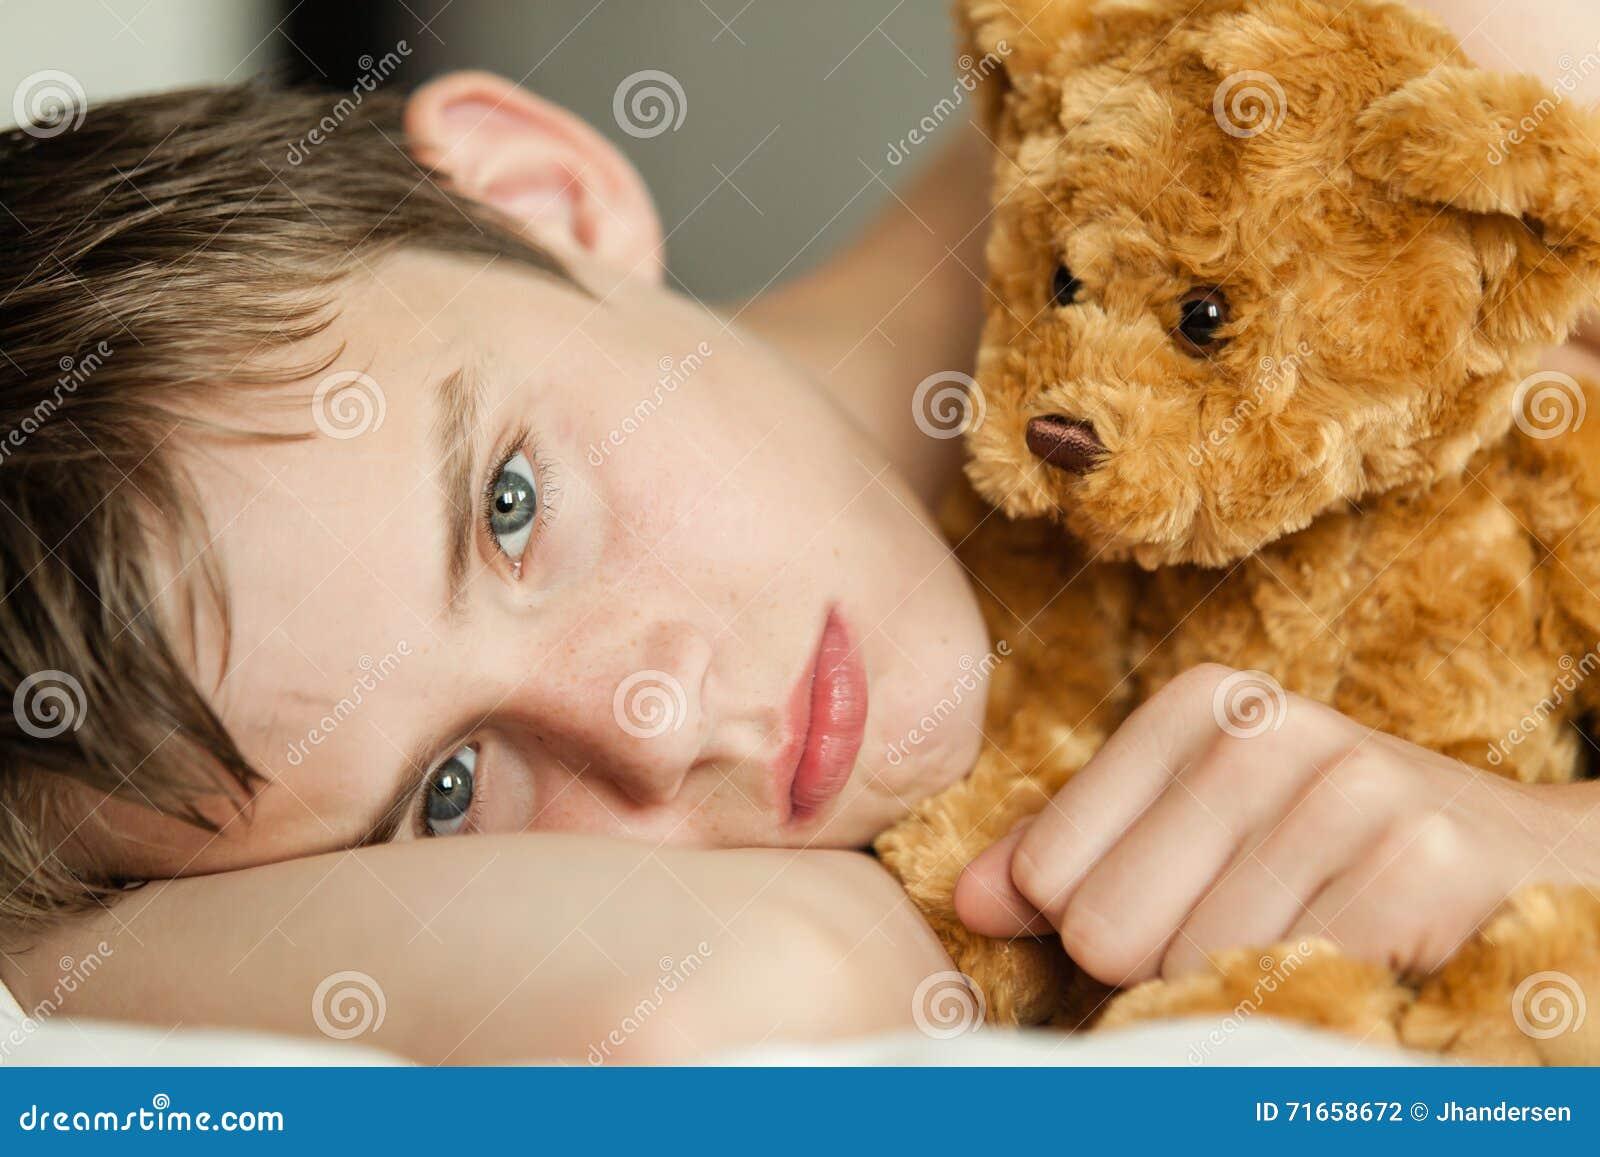 Bemerkenswert Bett Teenager Dekoration Von Teenager, Der Auf Mit Brown Teddy Bear